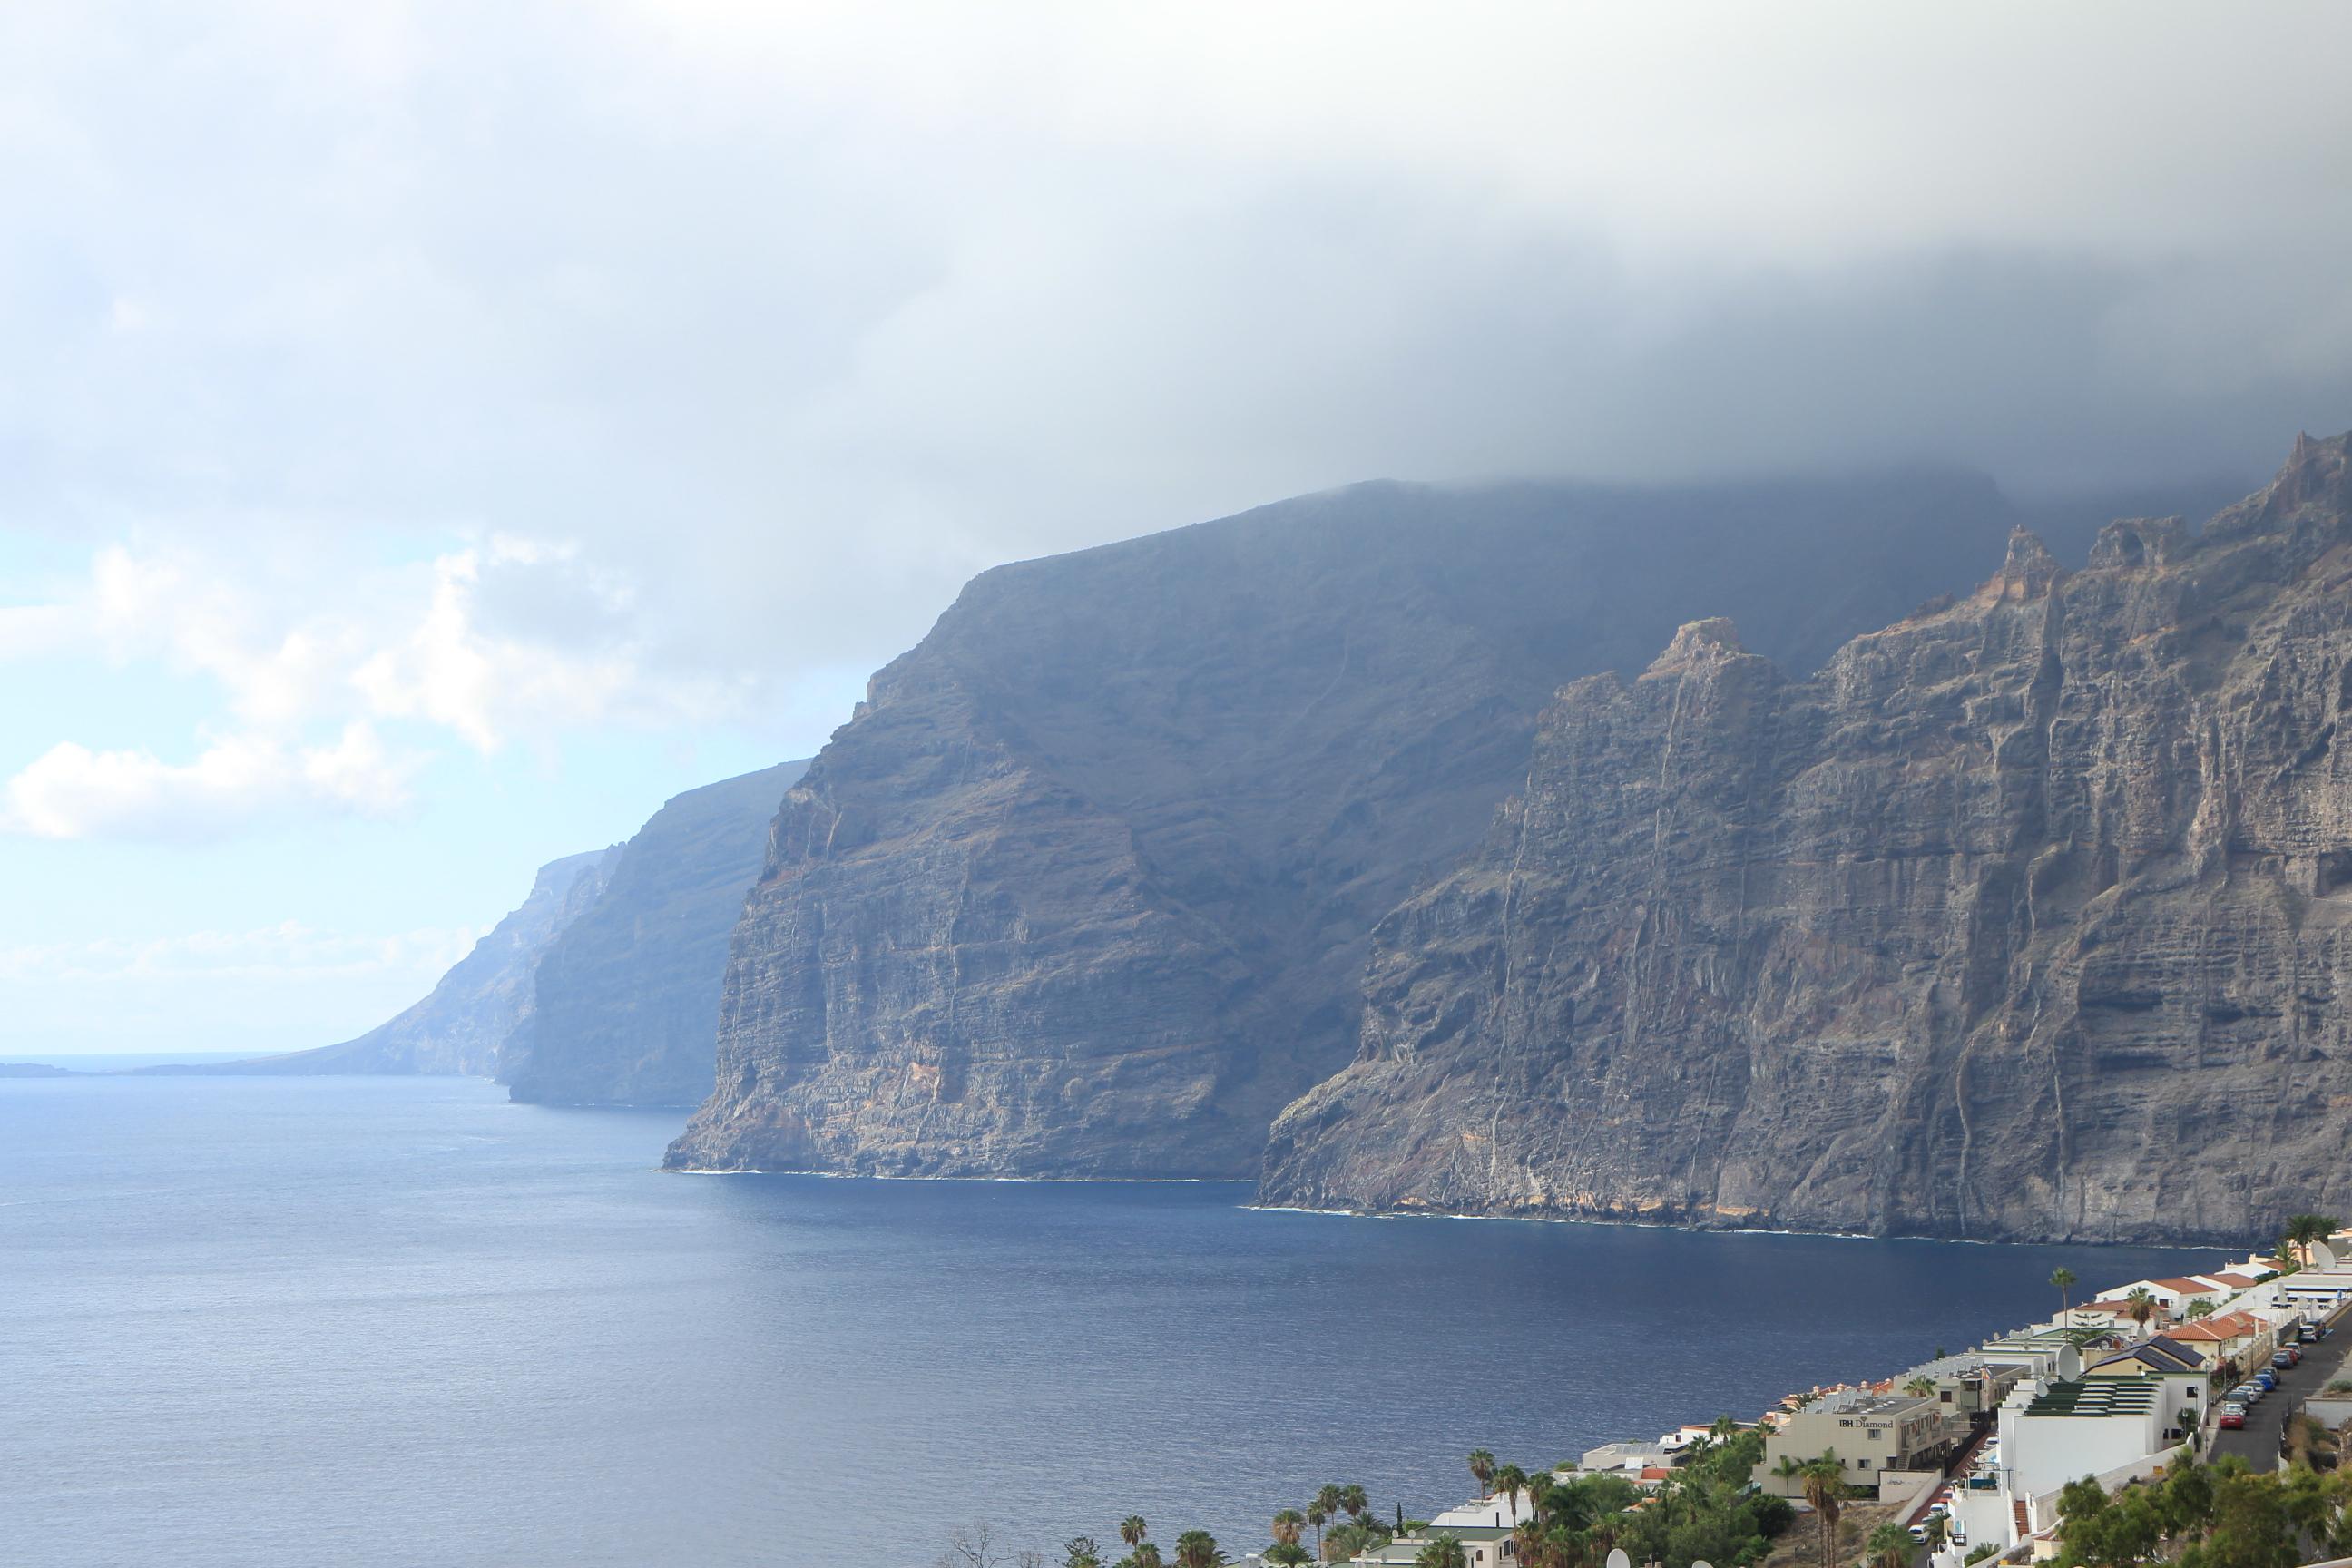 Los Gigantes的壯麗山崖